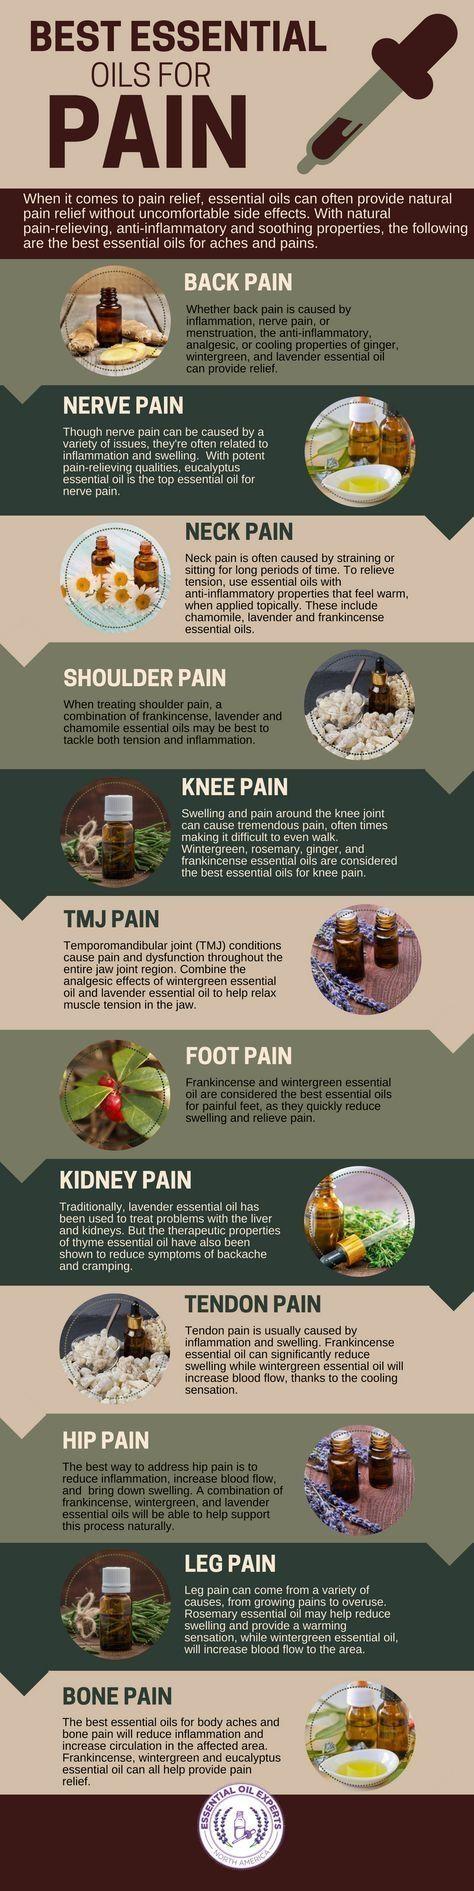 Best Essential Oils for Pain Management - Back, Nerve, Neck, Shoulder & Knee by juana